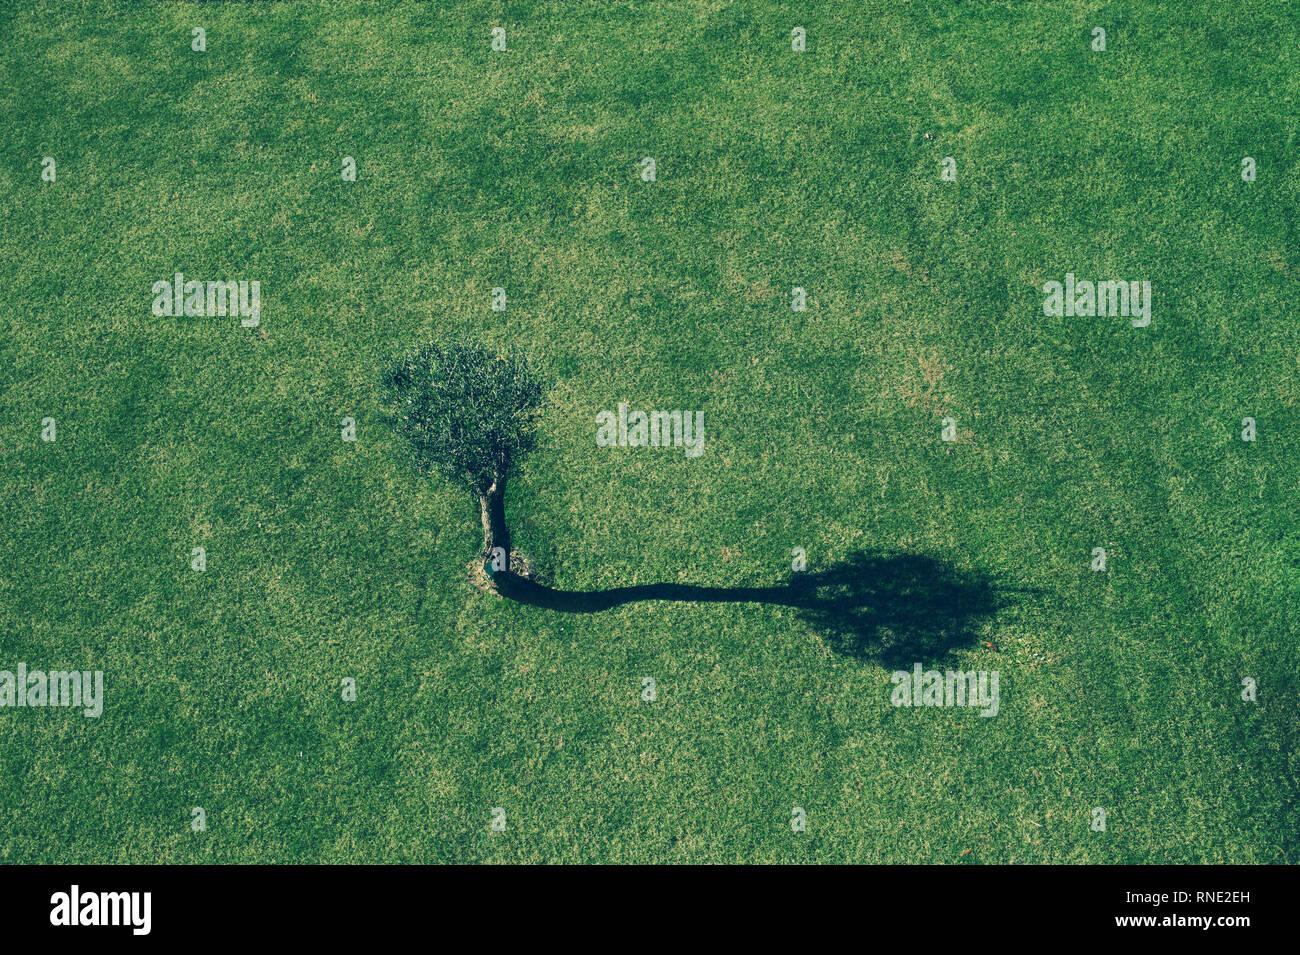 Un minimum d'image avec silhouette d'arbre unique sur un champ d'herbe au lever du soleil Photo Stock